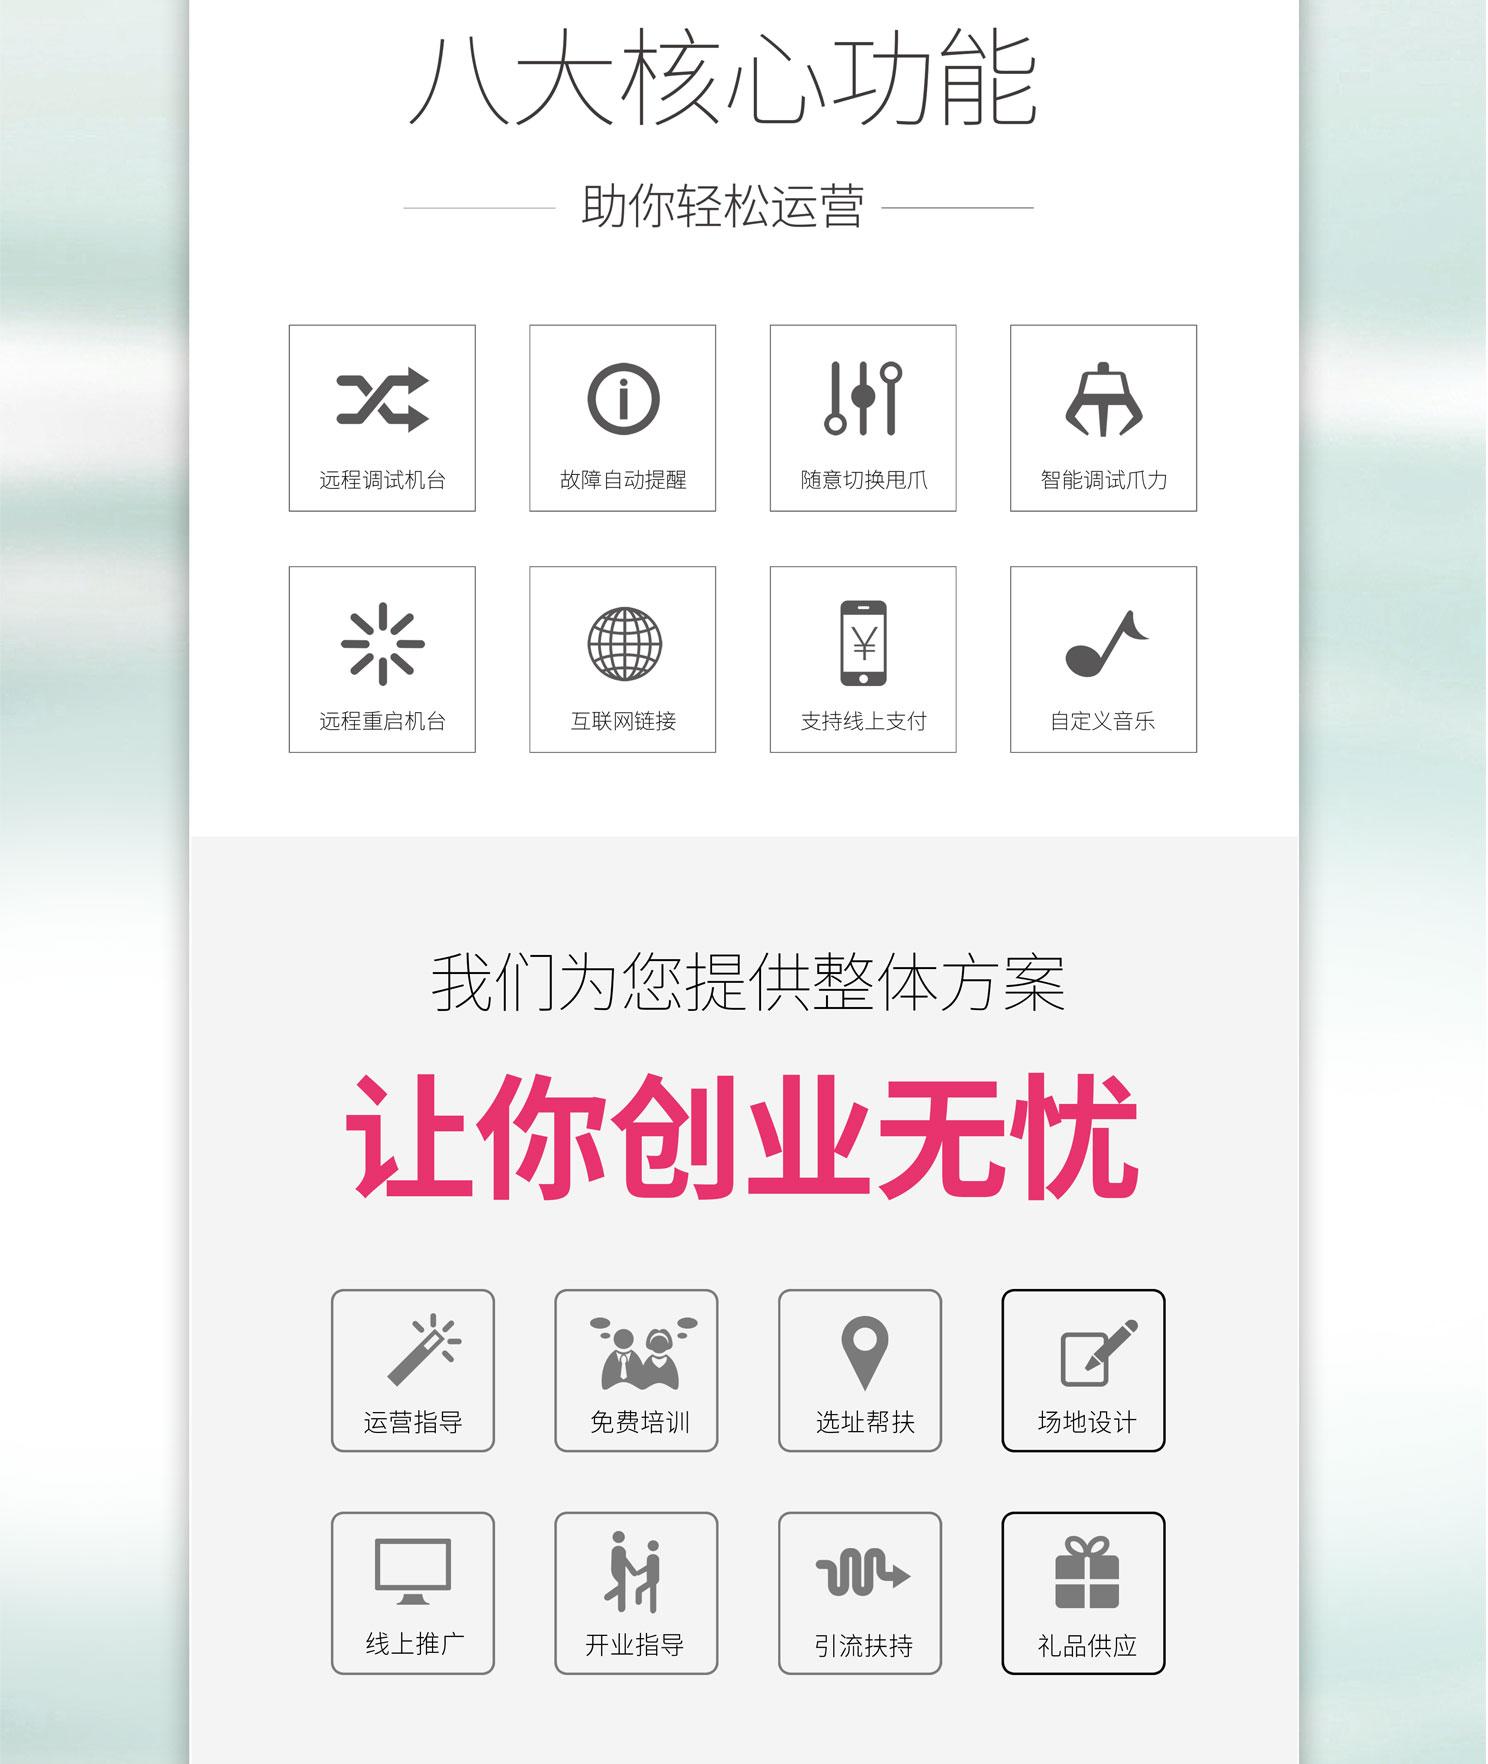 网站娃娃机租赁详情终板_05.jpg